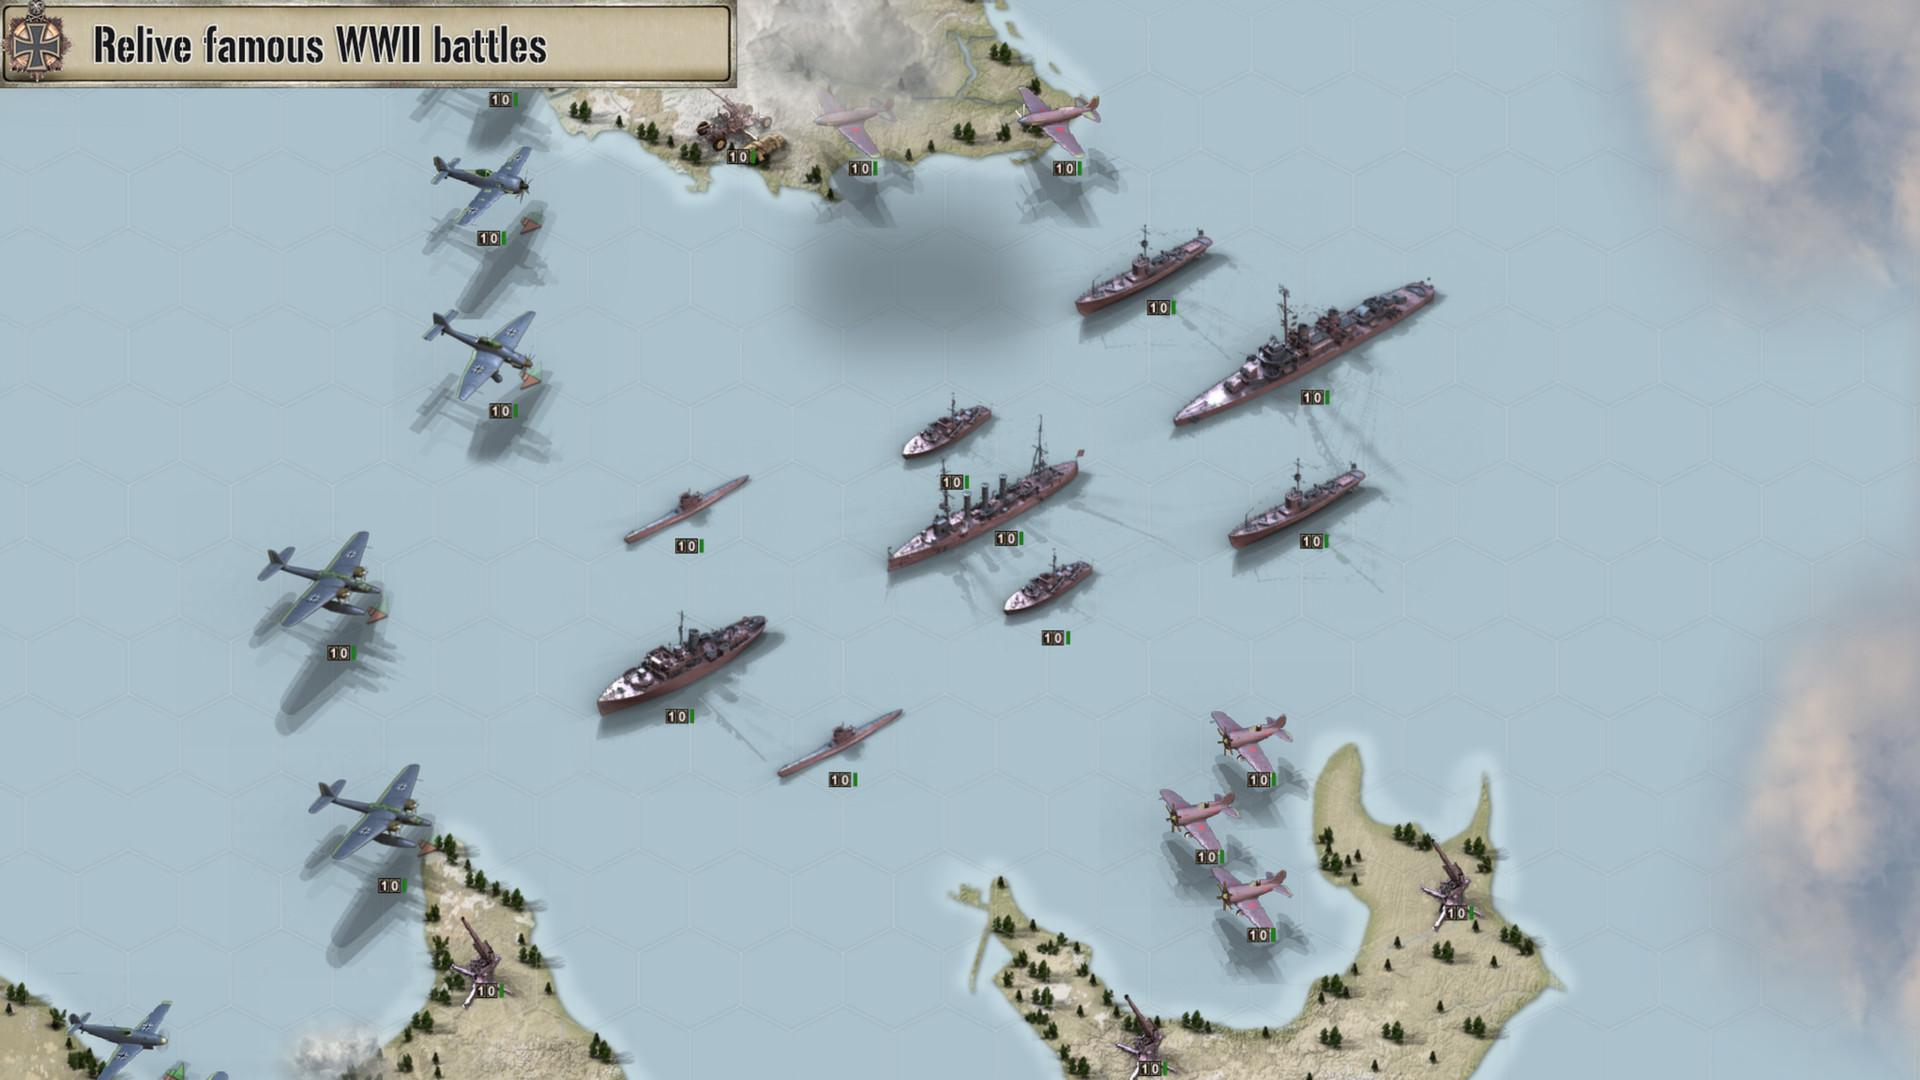 الإستراتيجية الرائعة Frontline Road Moscow ss_3e8343a35deb5b407